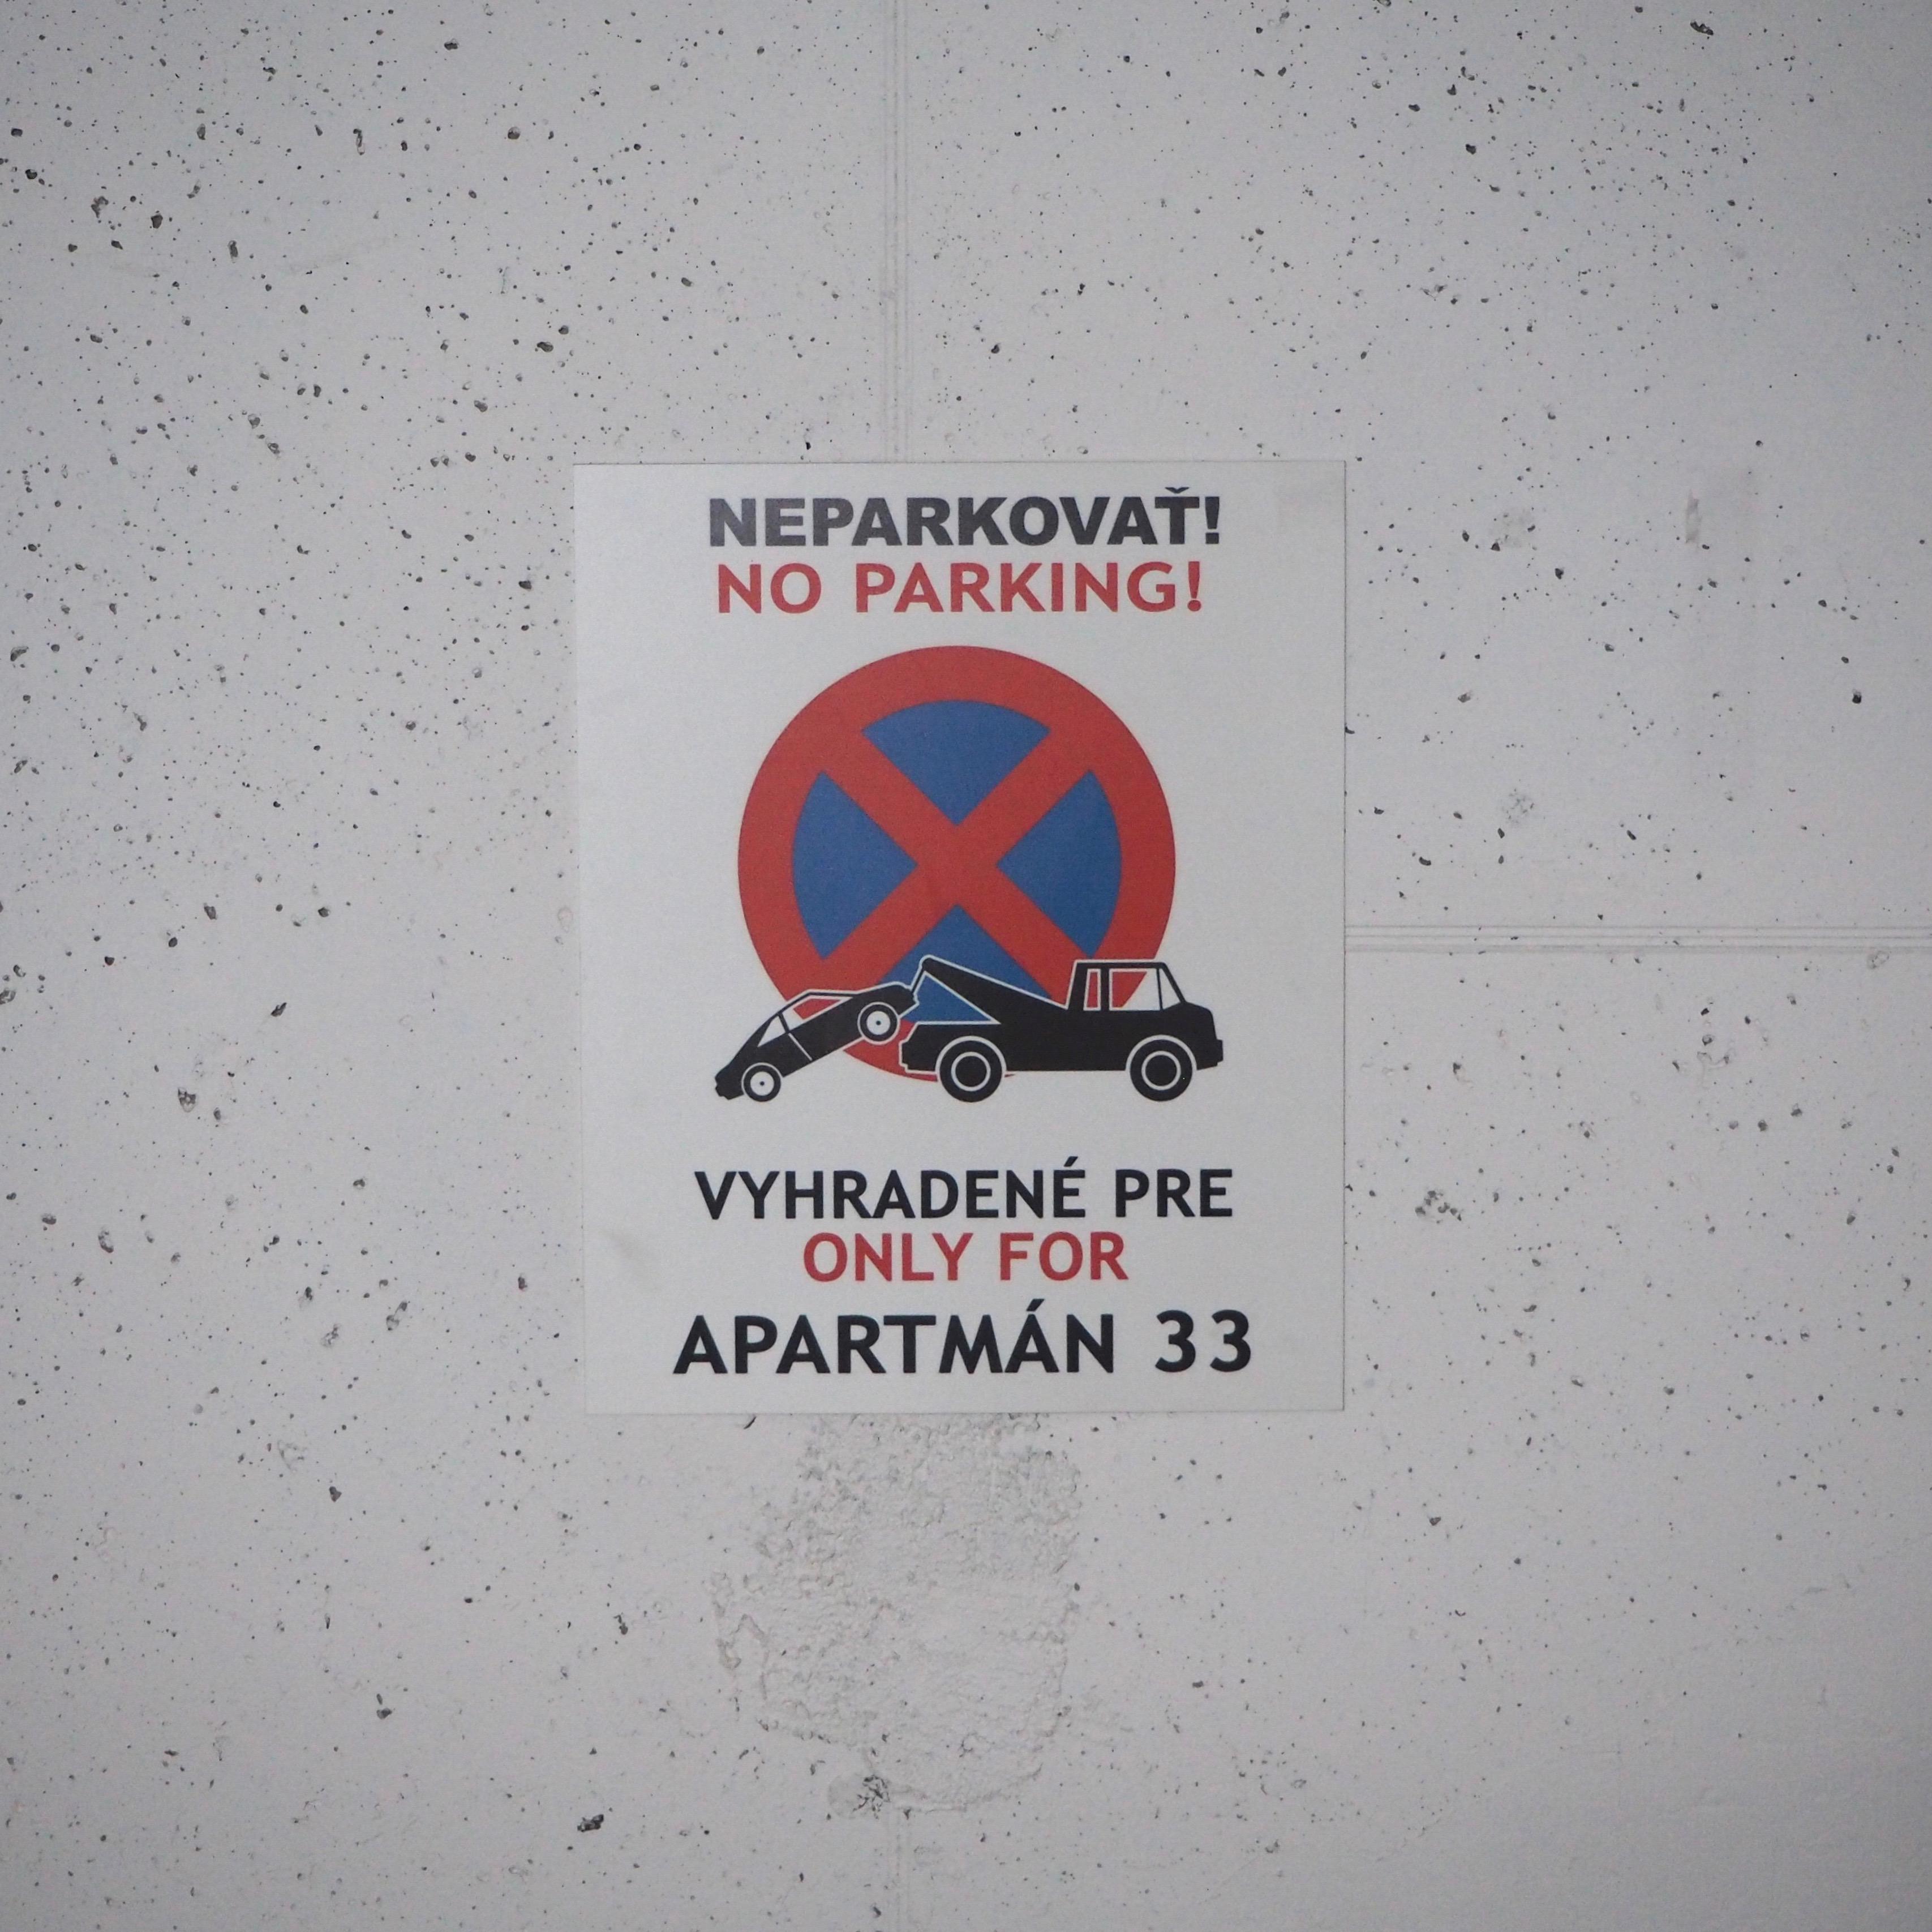 Free-garage-parking